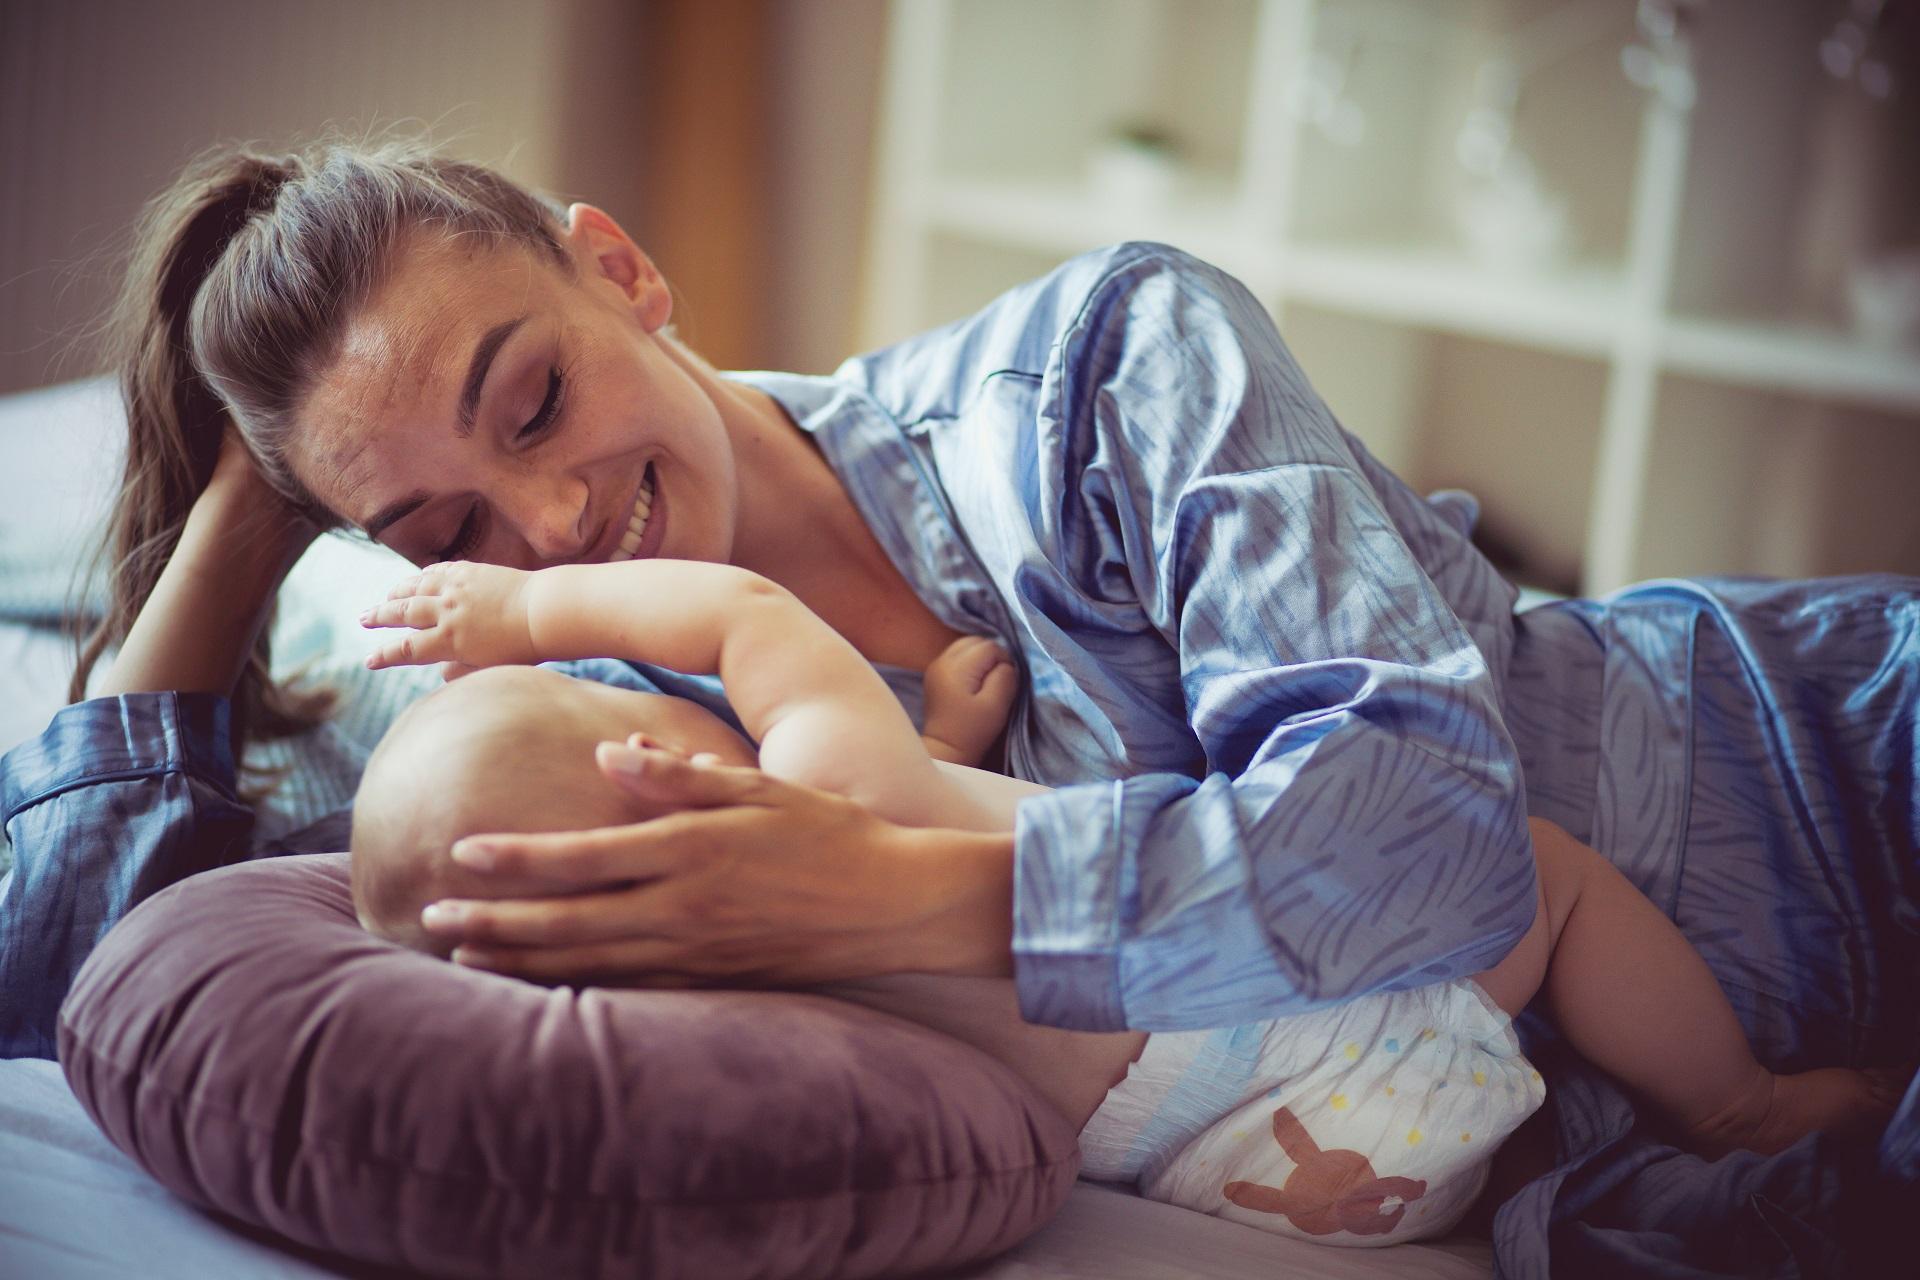 Produção independente mãe solteira reprodução humana inseminação artificial fertilização in vitro FIV sêmen de doador óvulo de doadora mãe e filho